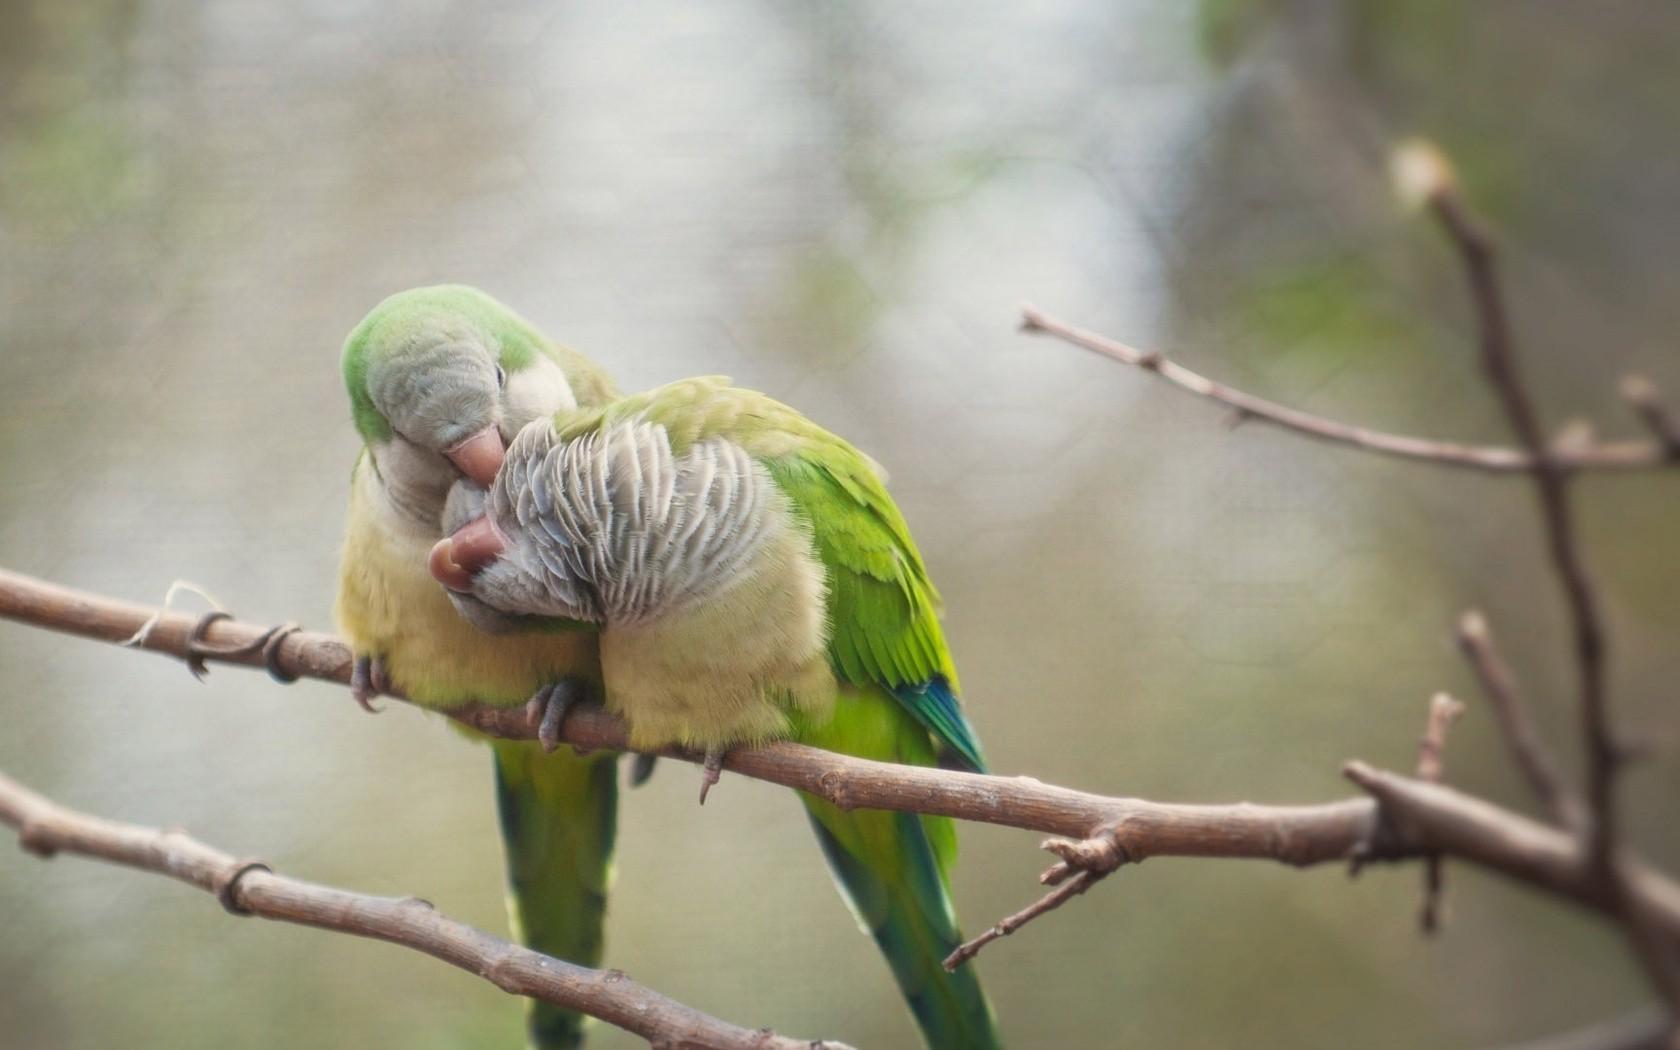 41 Koleksi Gambar Hewan Burung Lovebird HD Terbaik